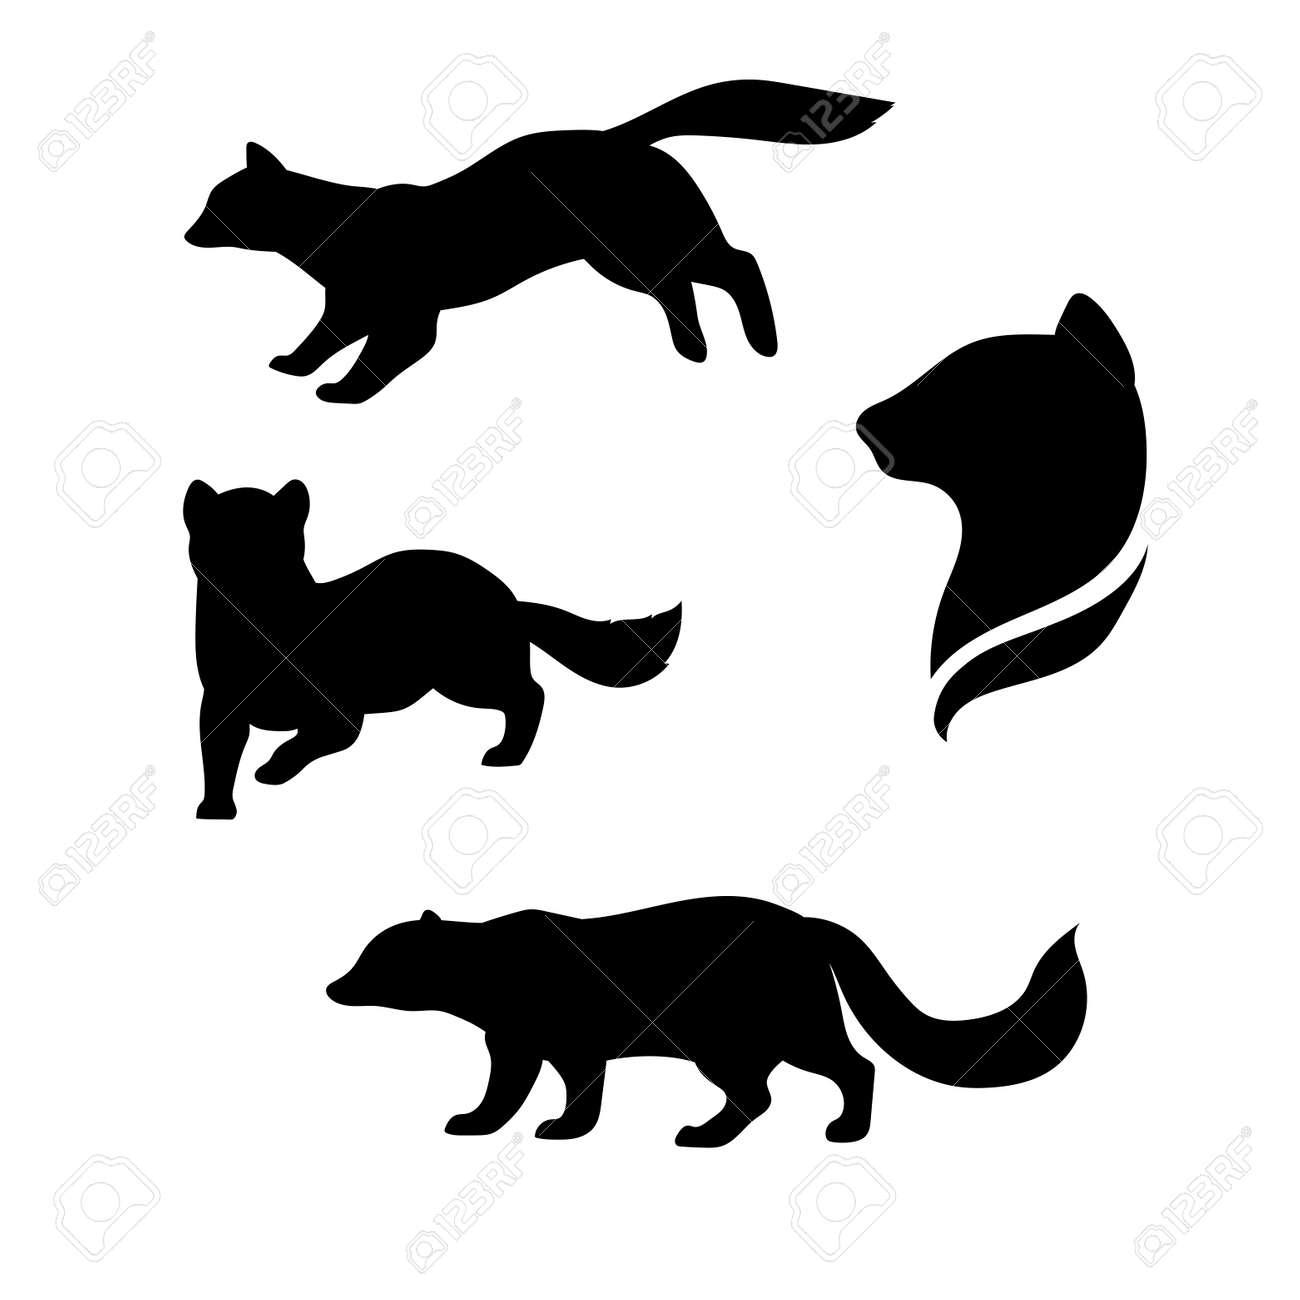 クロテンの動物アイコンやシルエット。さまざまなポーズのイラストの